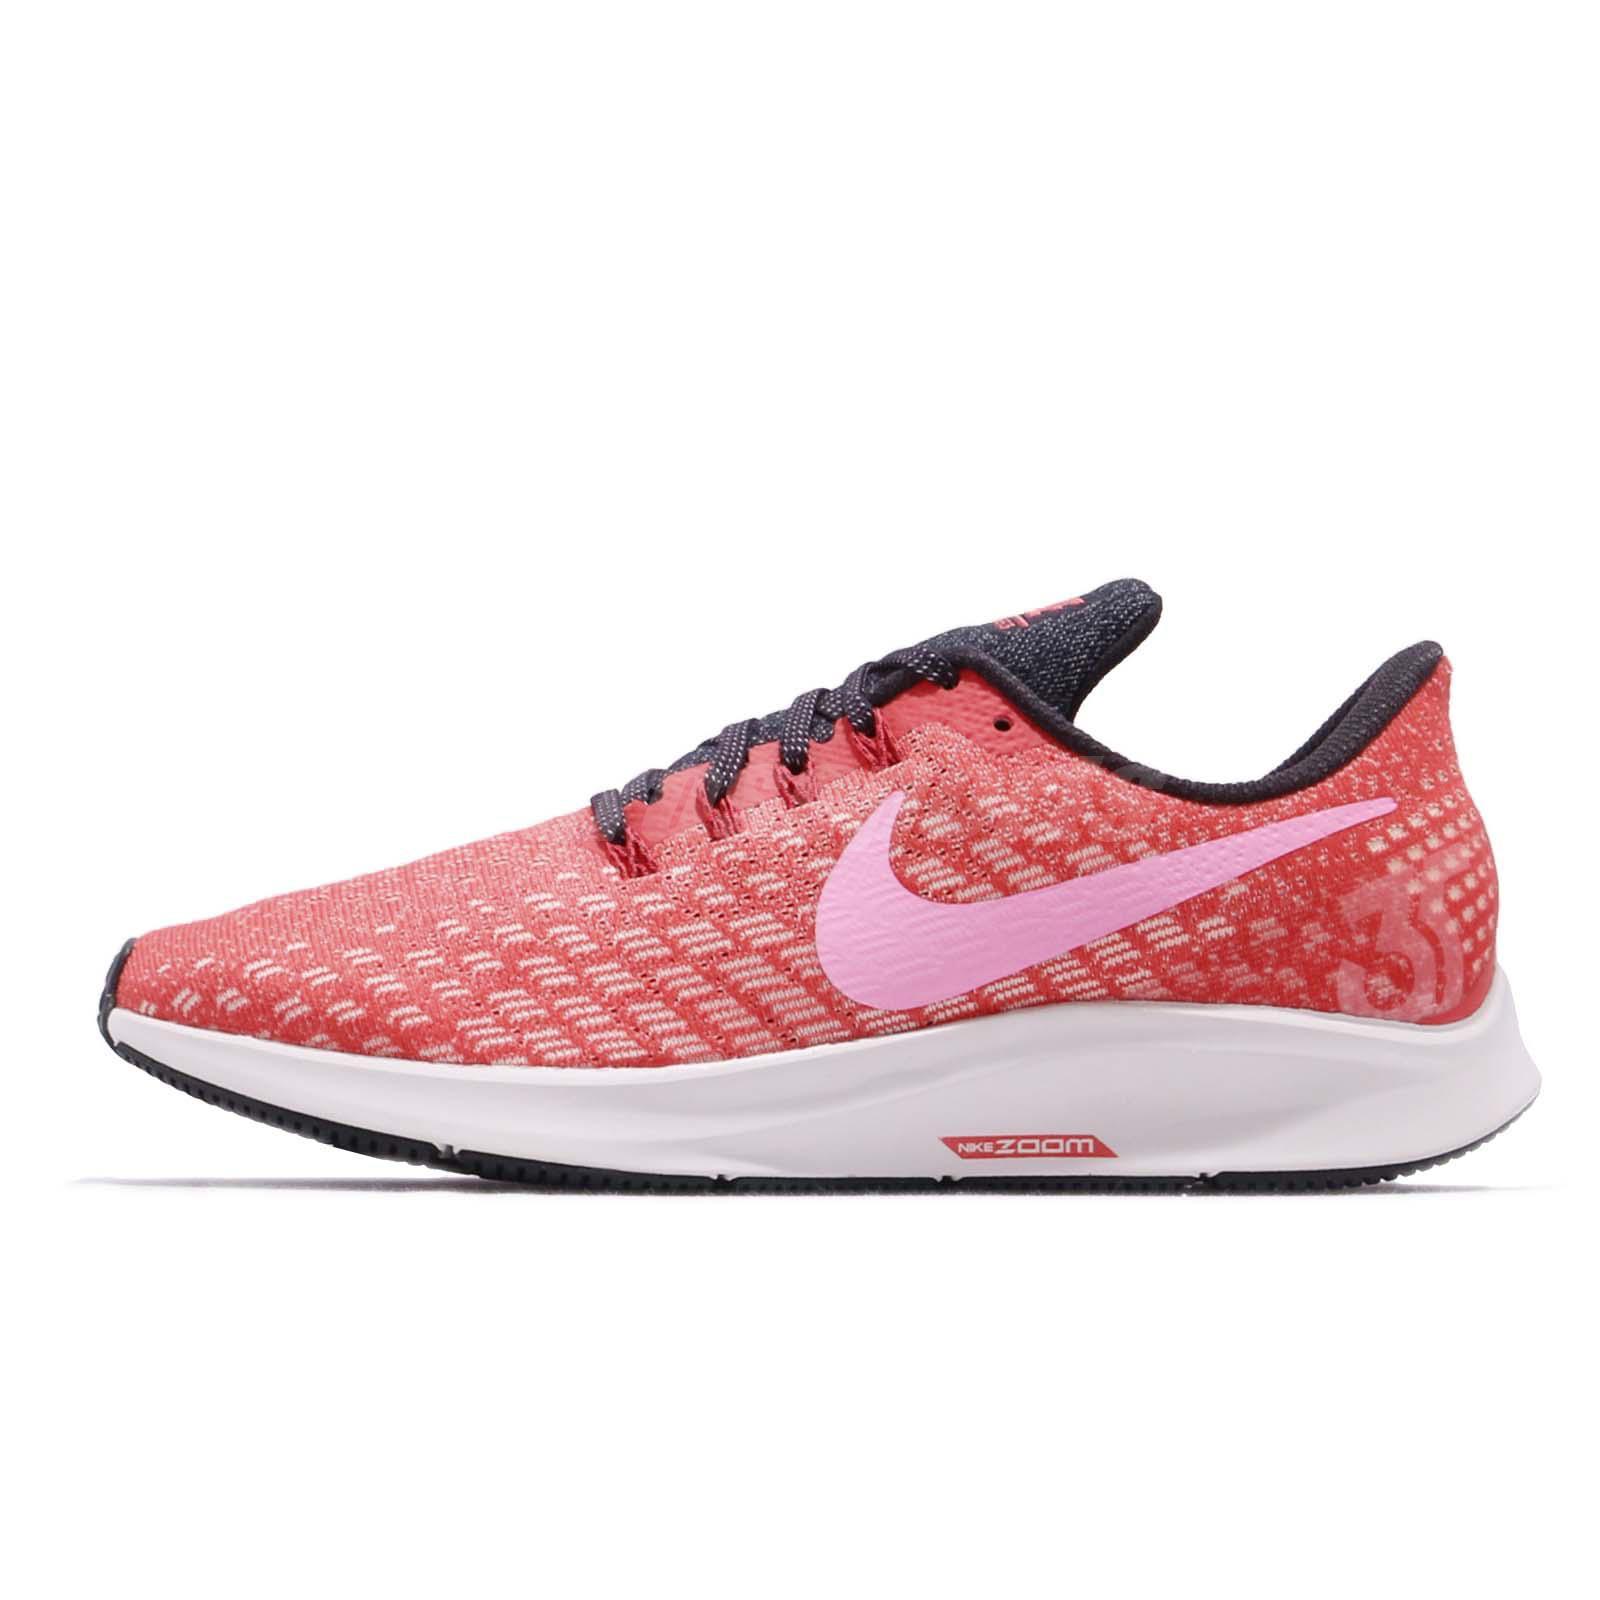 c1b98912568b2 Nike Wmns Air Zoom Pegasus 35 Ember Glow Red Pink Womens Running Shoe 942855 -800